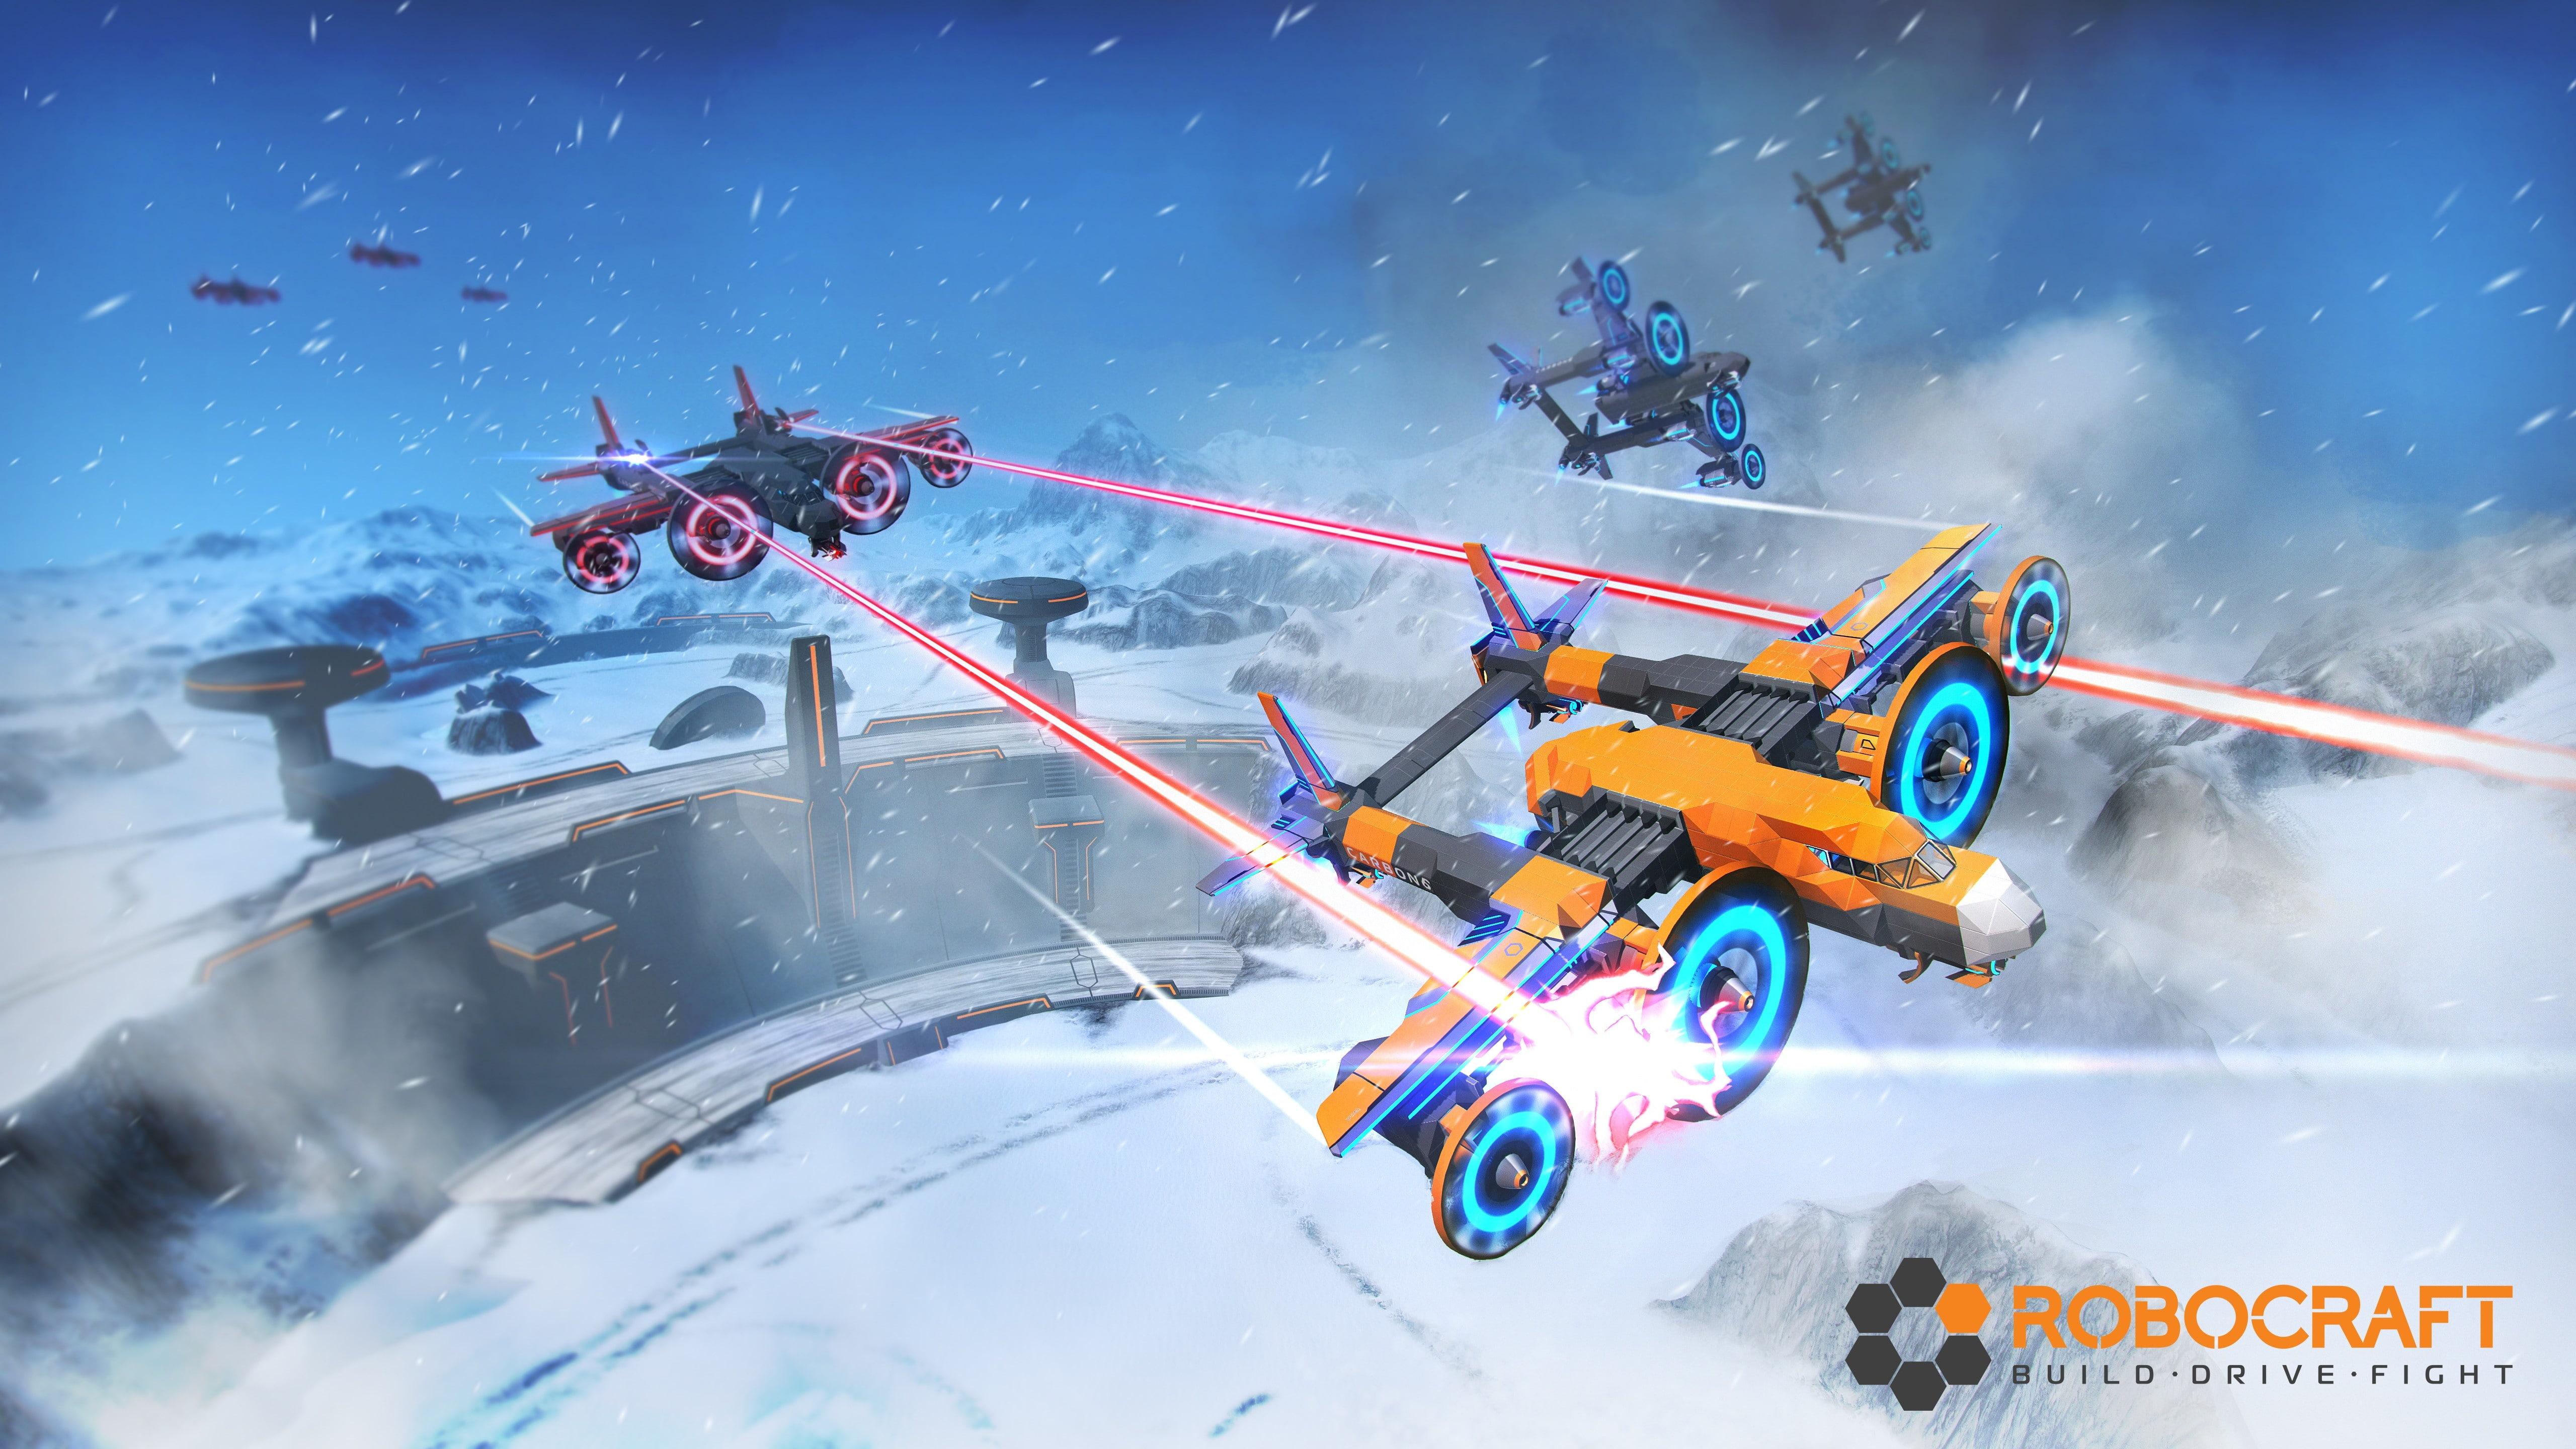 HD wallpaper robocraft battle Games mode of transportation 5120x2880